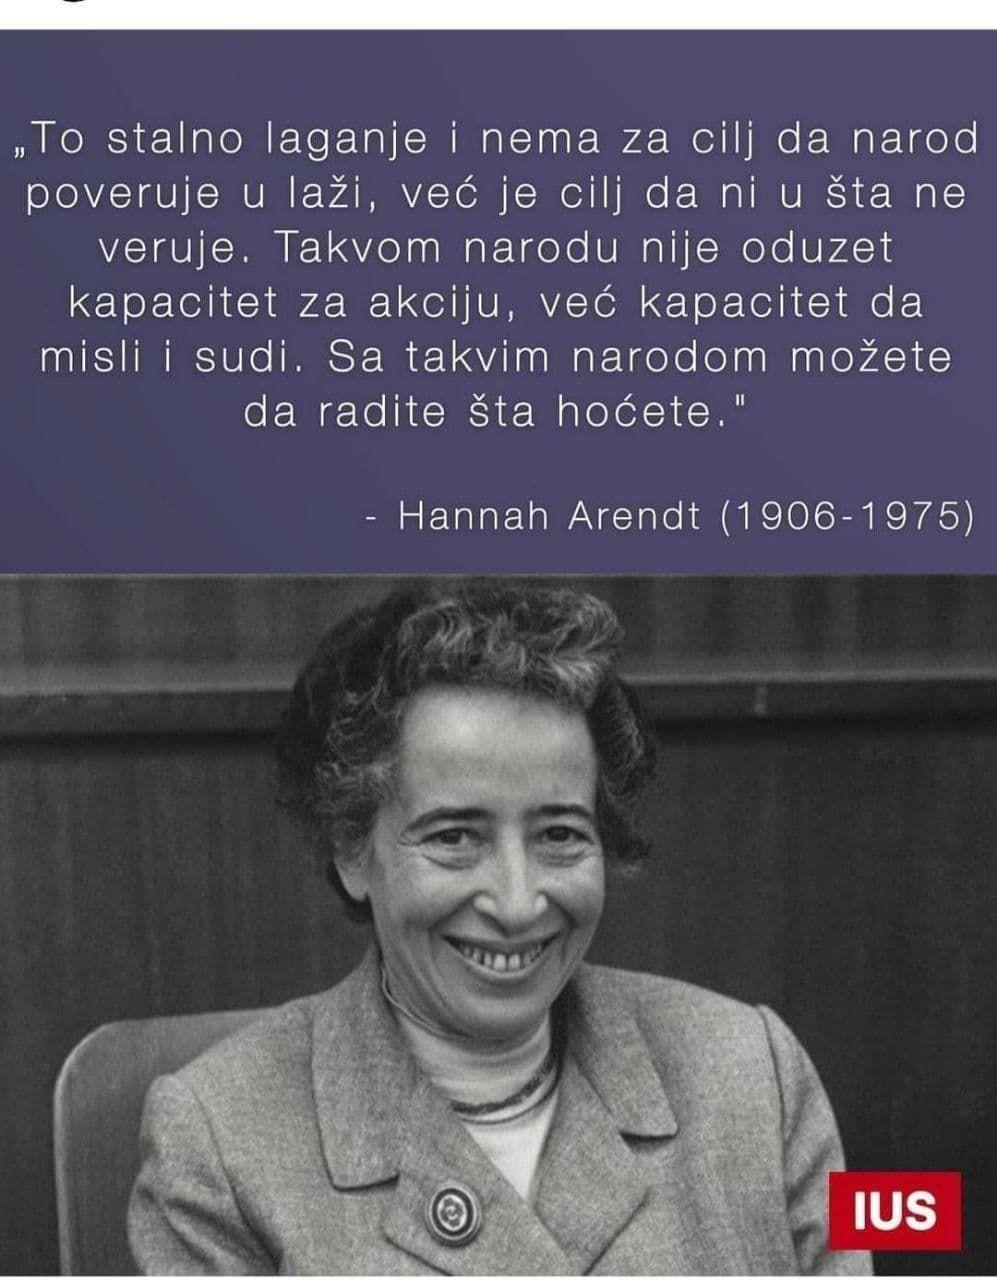 Hana Arent-photo_2021-05-10_12-50-14.jpg